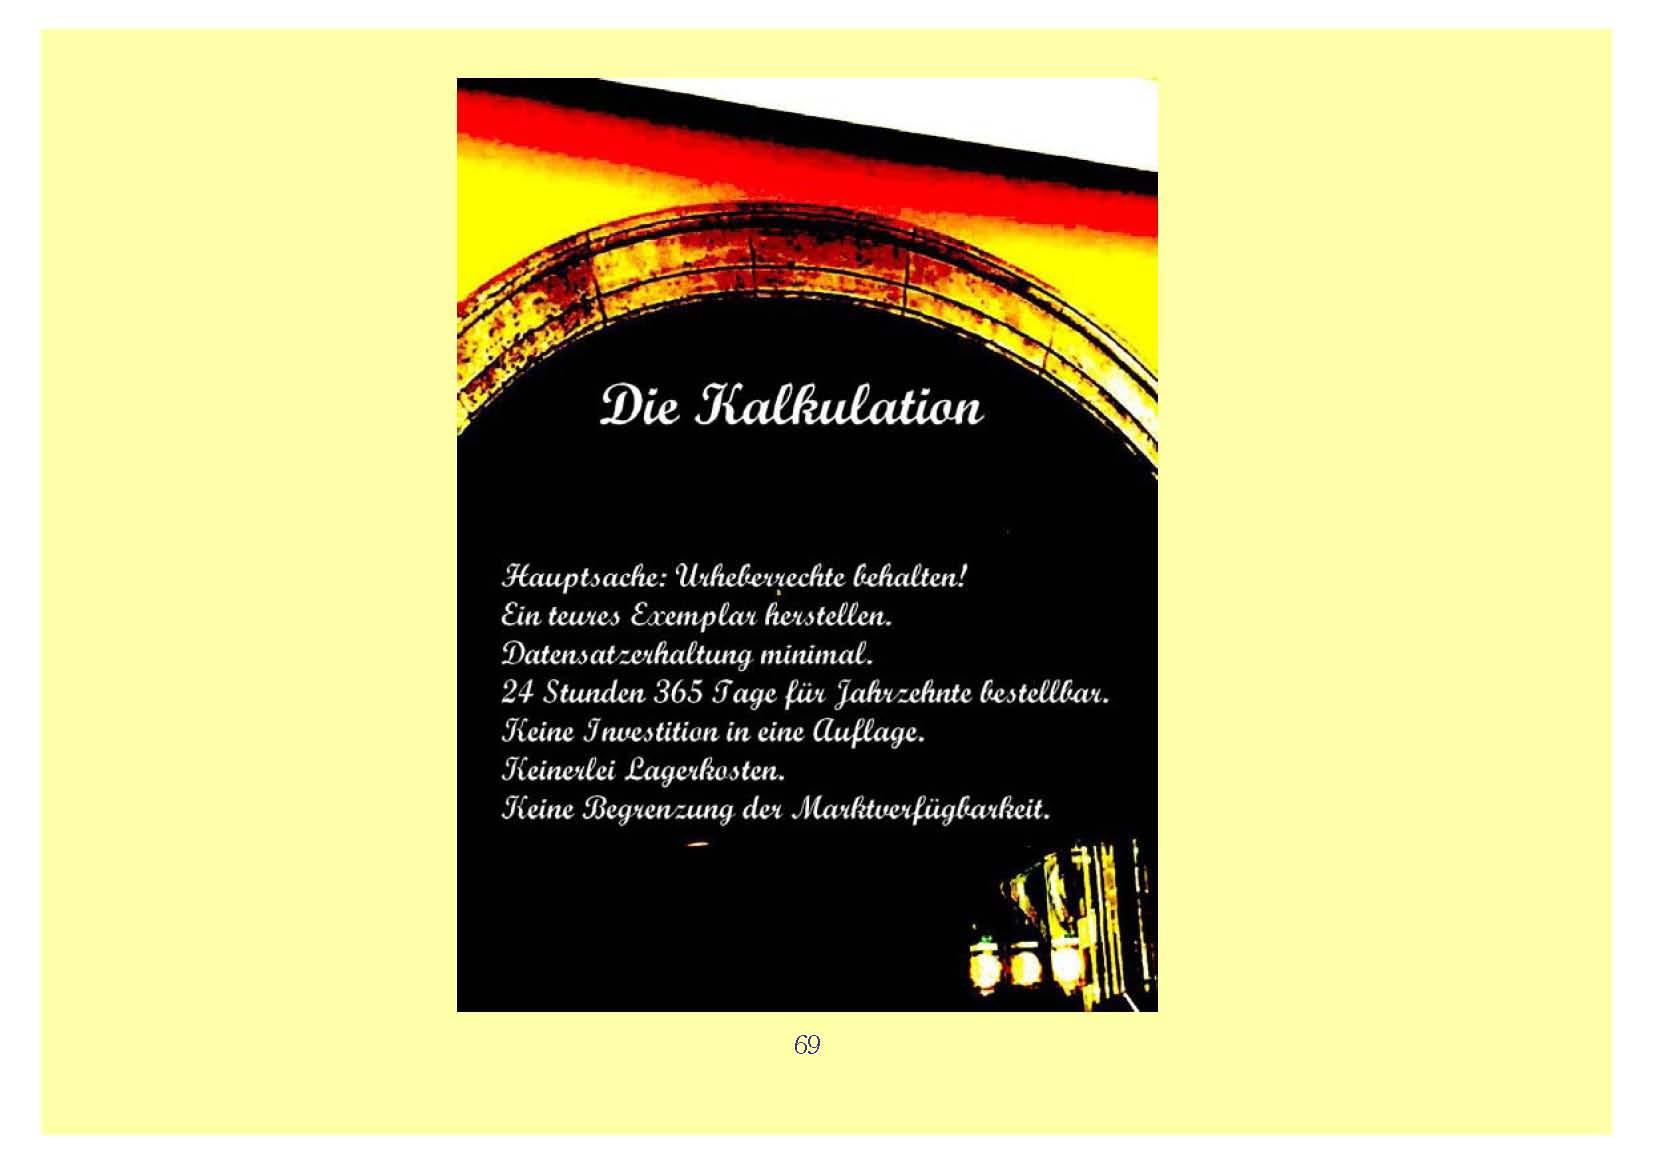 ™Gigabuch-Bibliothek/iAutobiographie Band 2/Bild 0146